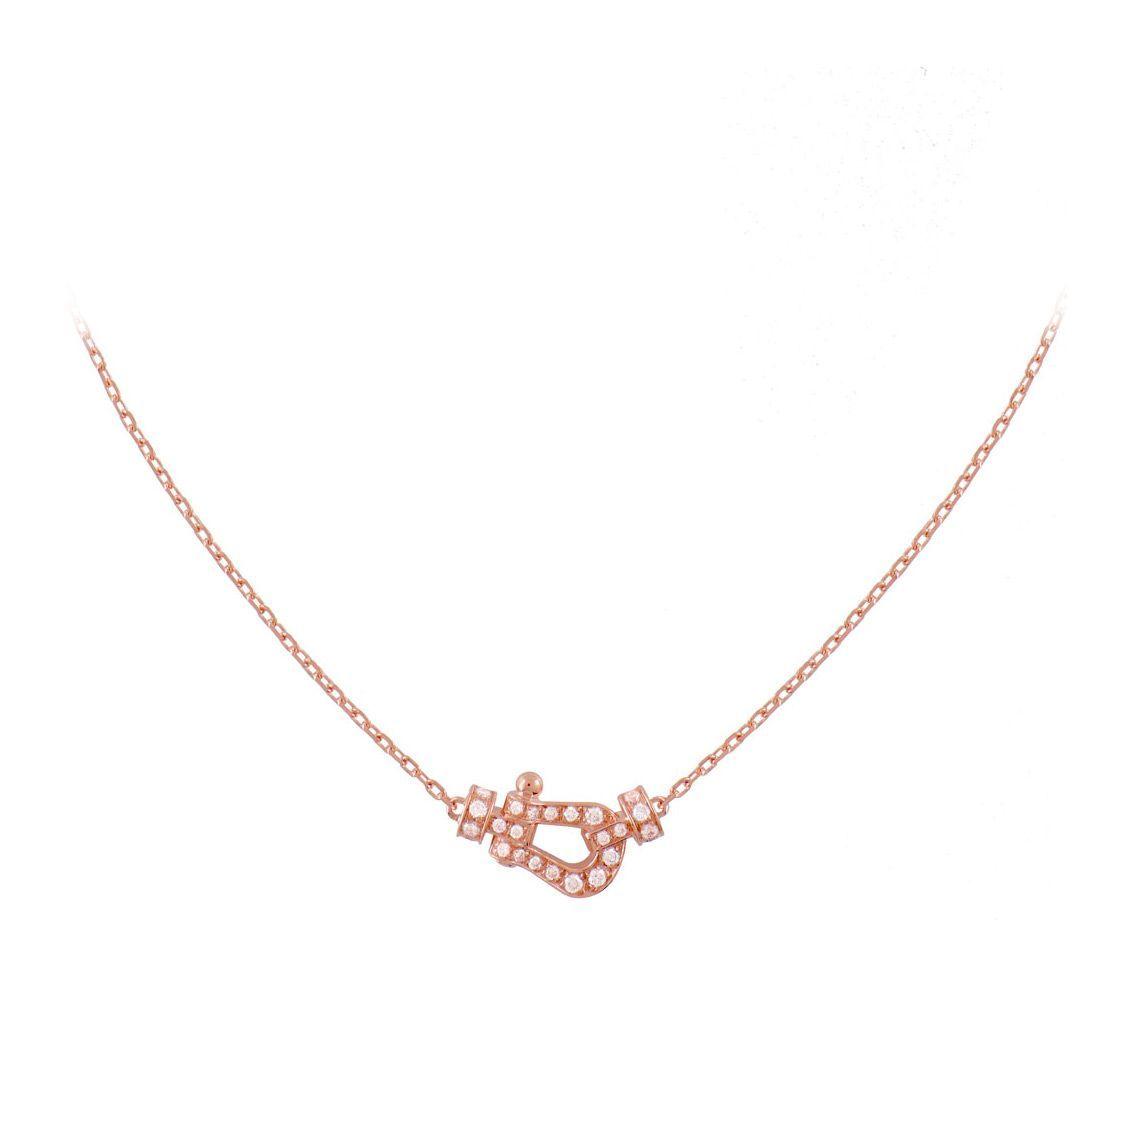 Collier FRED Force 10 petit modèle en Or rose et Diamant vue 2